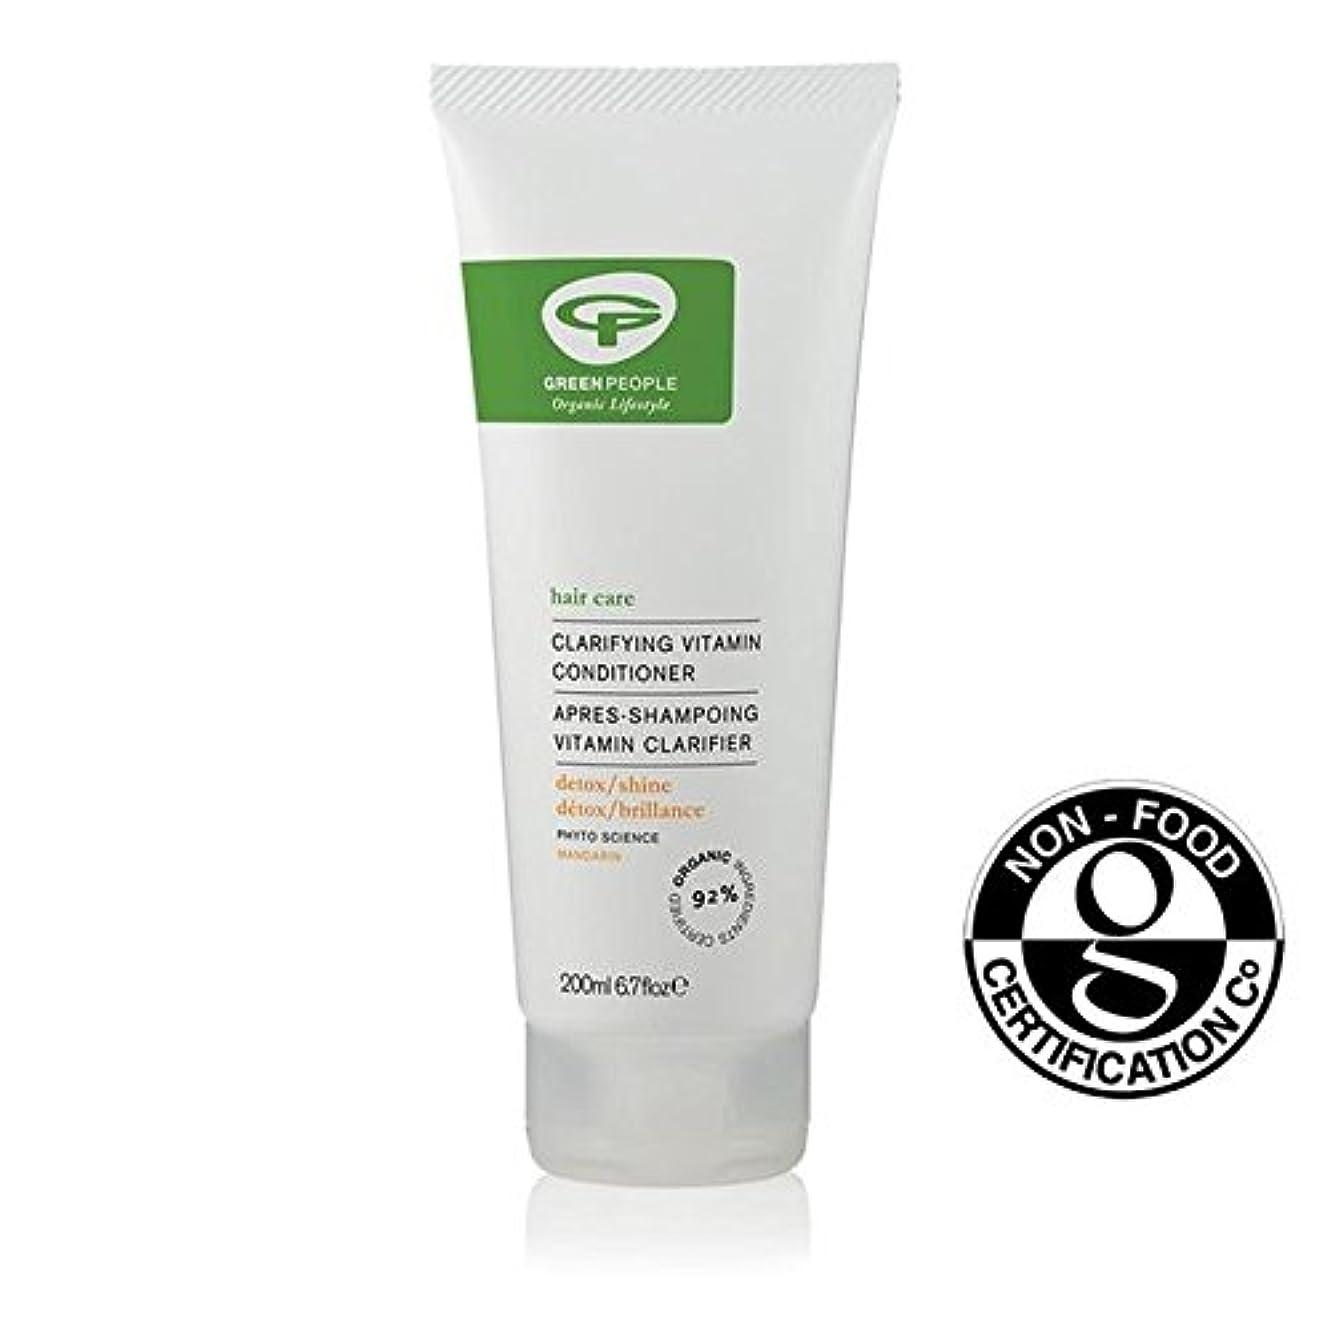 影たるみ誰でも緑の人々の有機明確ビタミンコンディショナー200 x2 - Green People Organic Clarifying Vitamin Conditioner 200ml (Pack of 2) [並行輸入品]